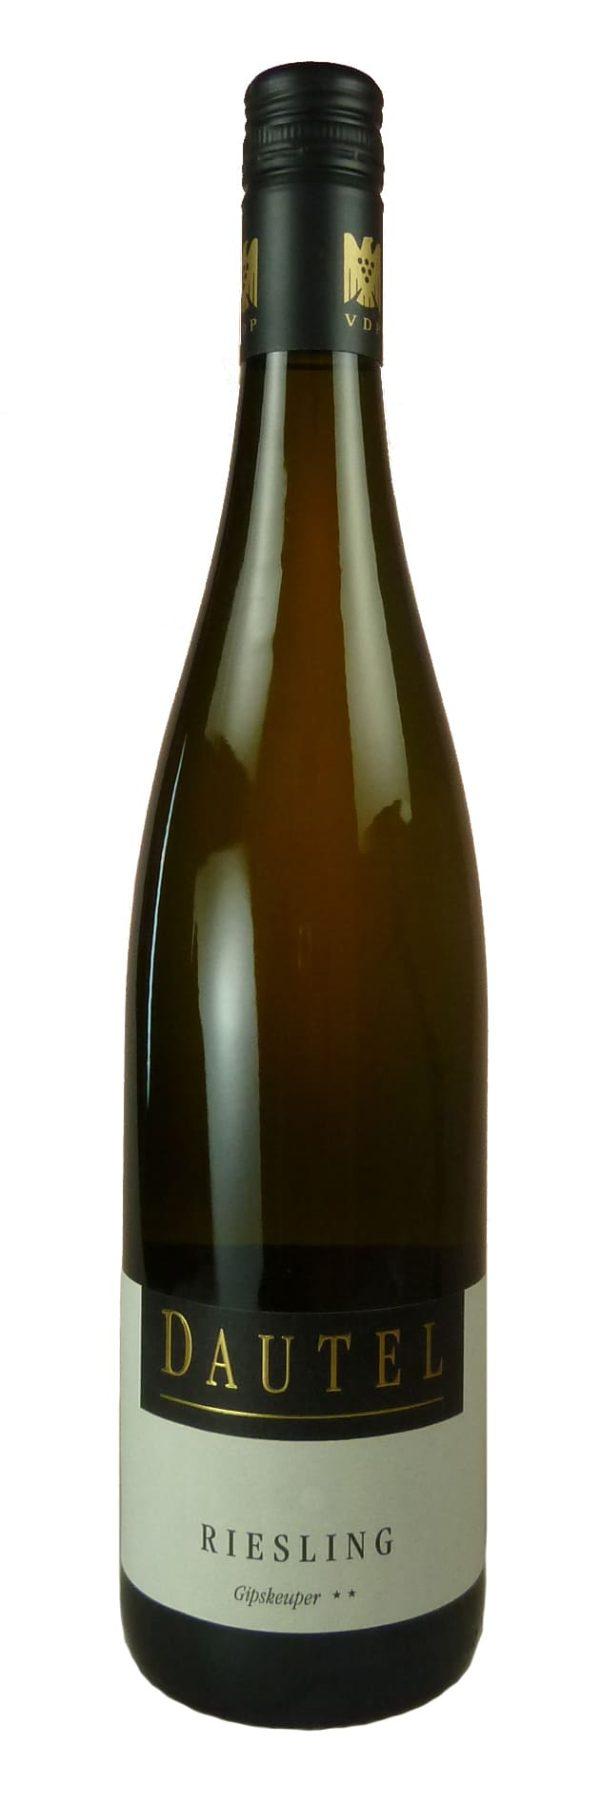 Riesling Gipskeuper Qualitätswein trocken 2017